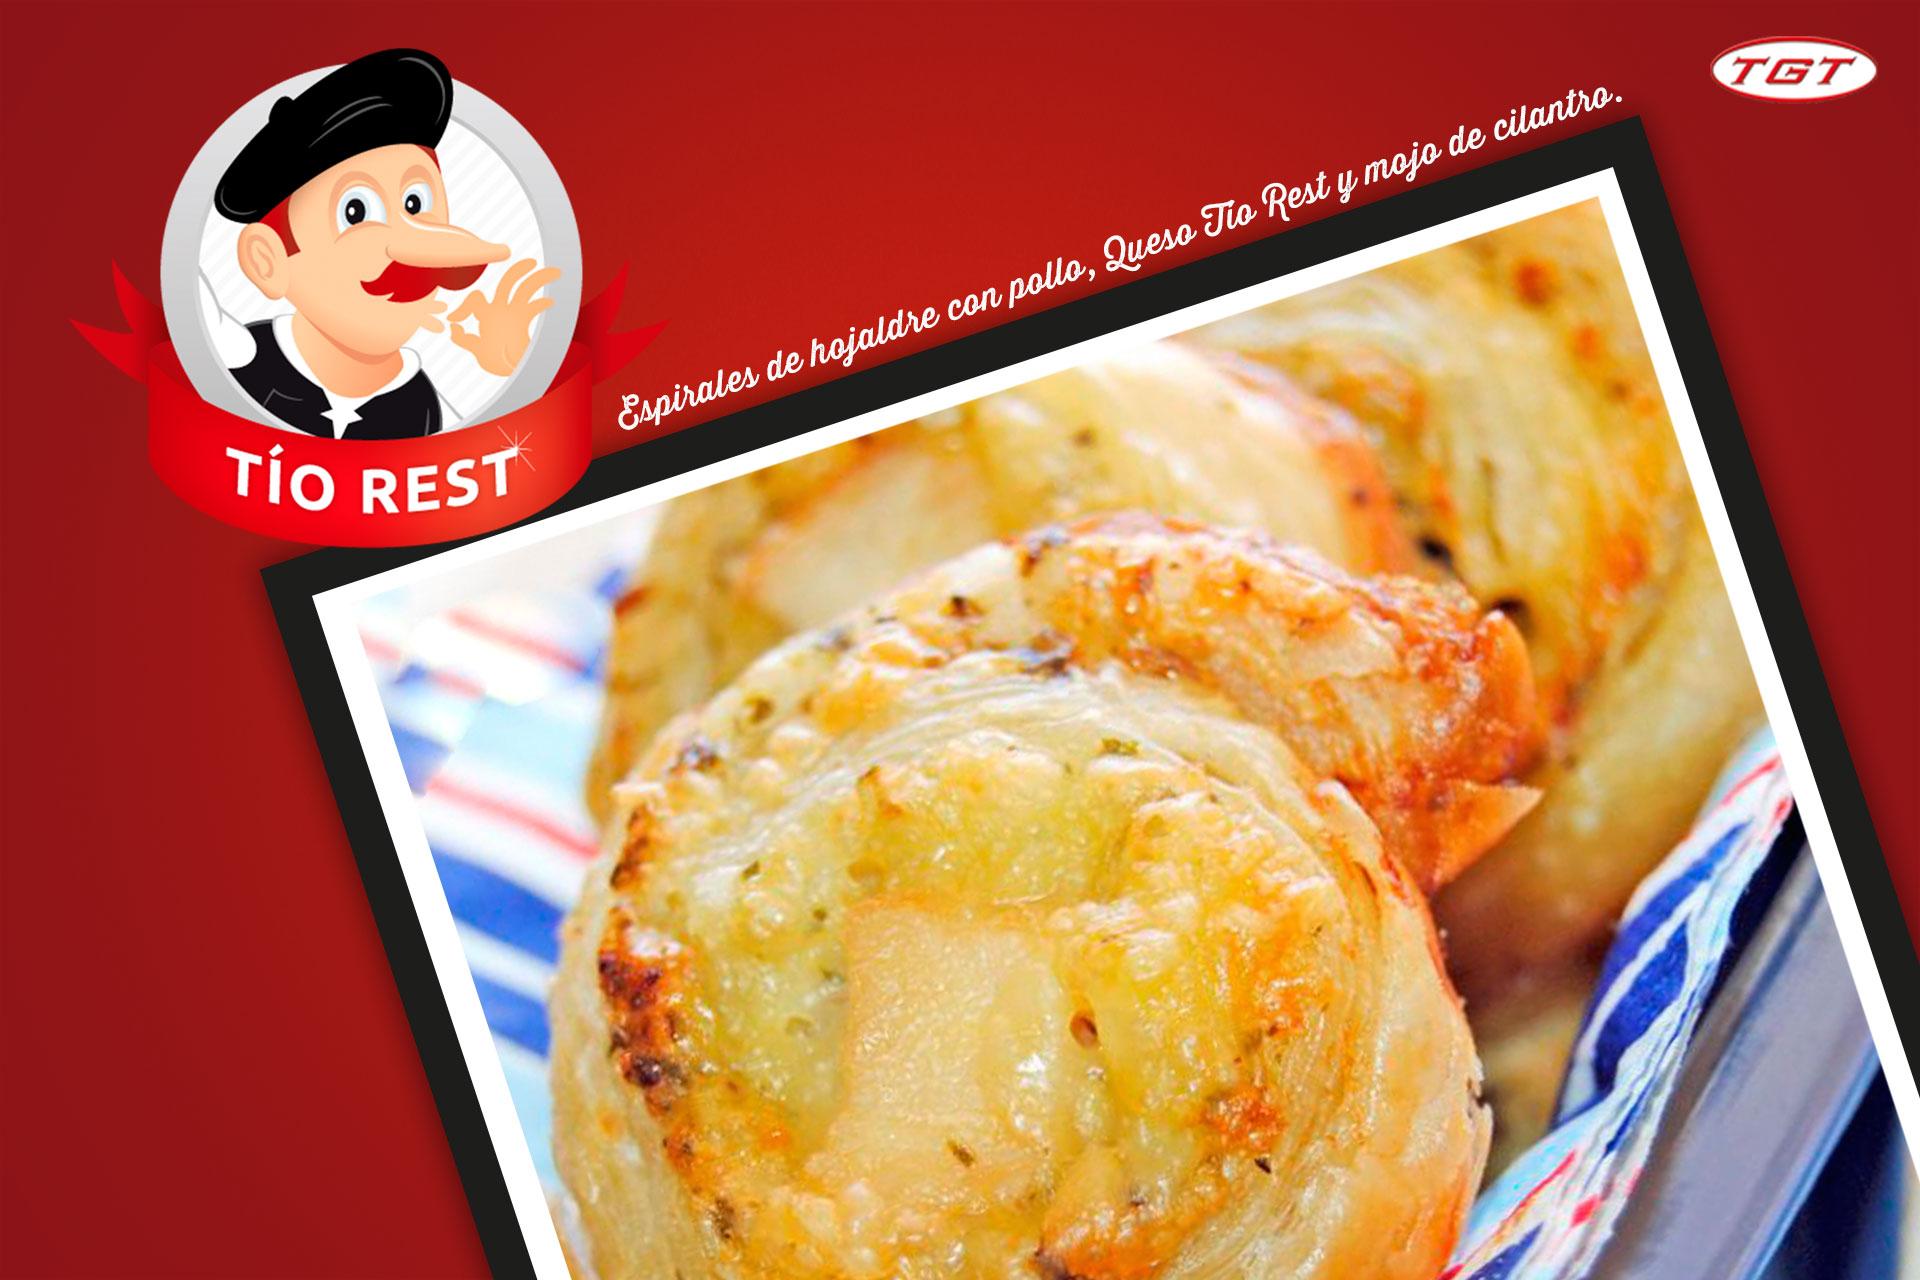 espirales-de-hojaldre-con-pollo-queso-tio-rest-y-mojo-de-cilantro